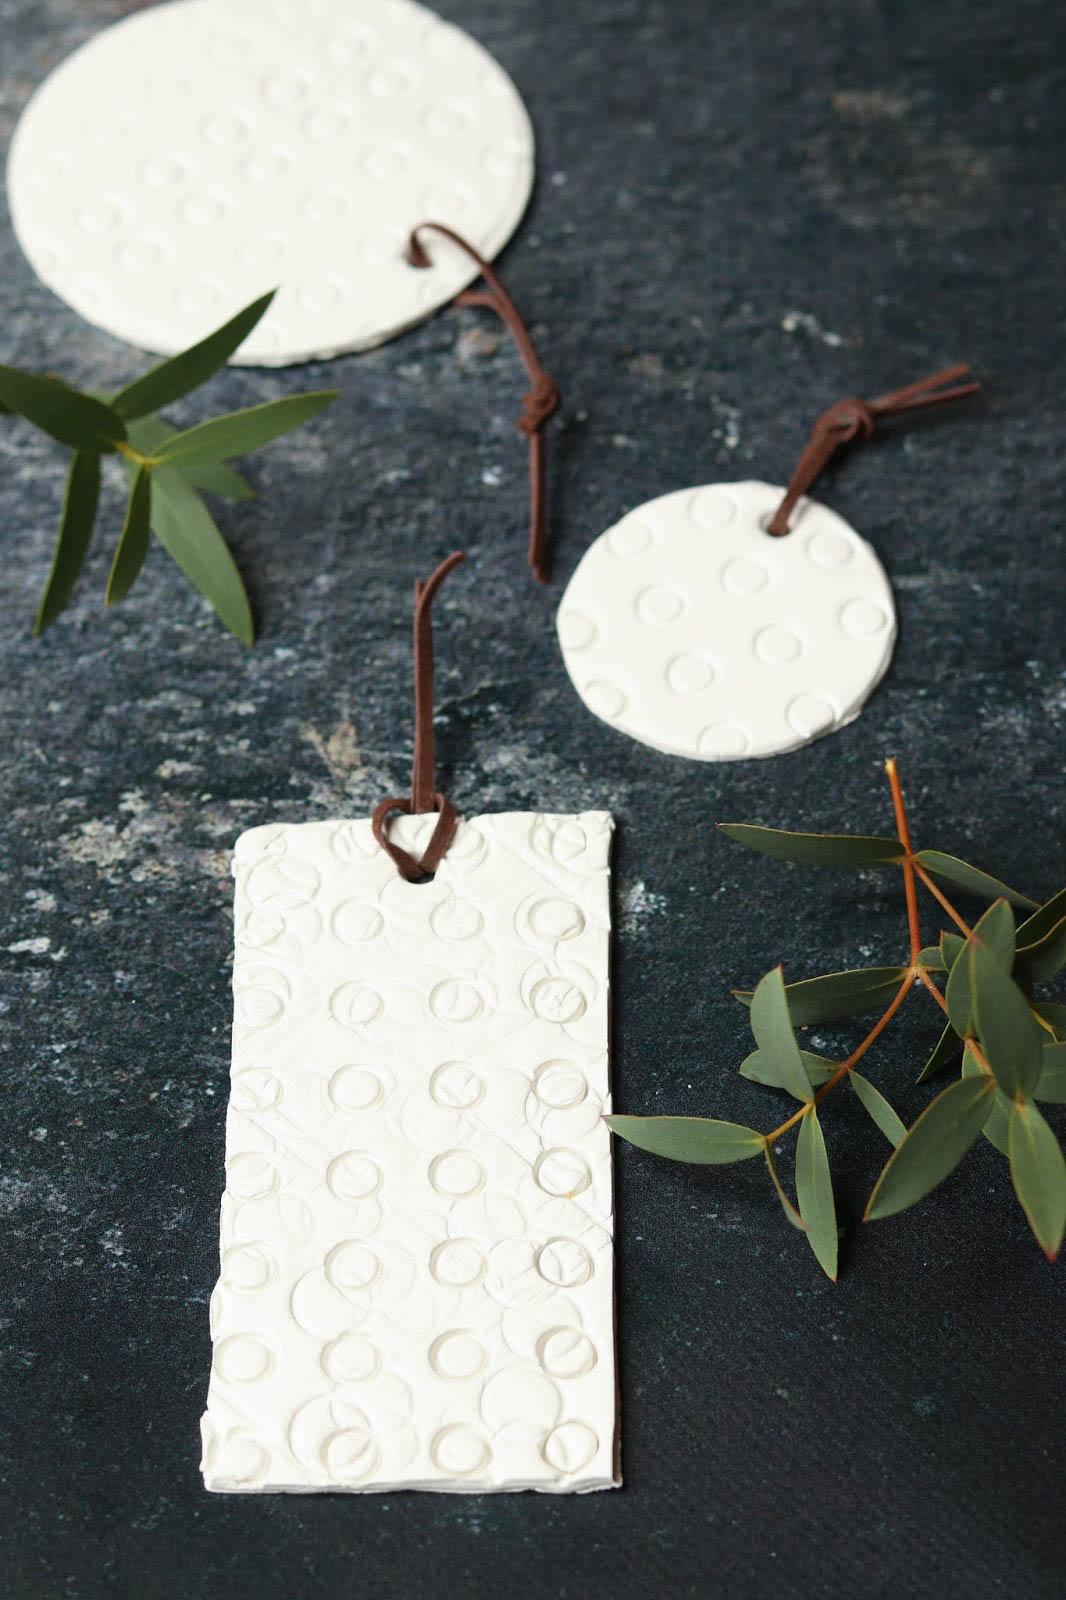 leuchttage zeit f r kreativit t kleine tabletts. Black Bedroom Furniture Sets. Home Design Ideas